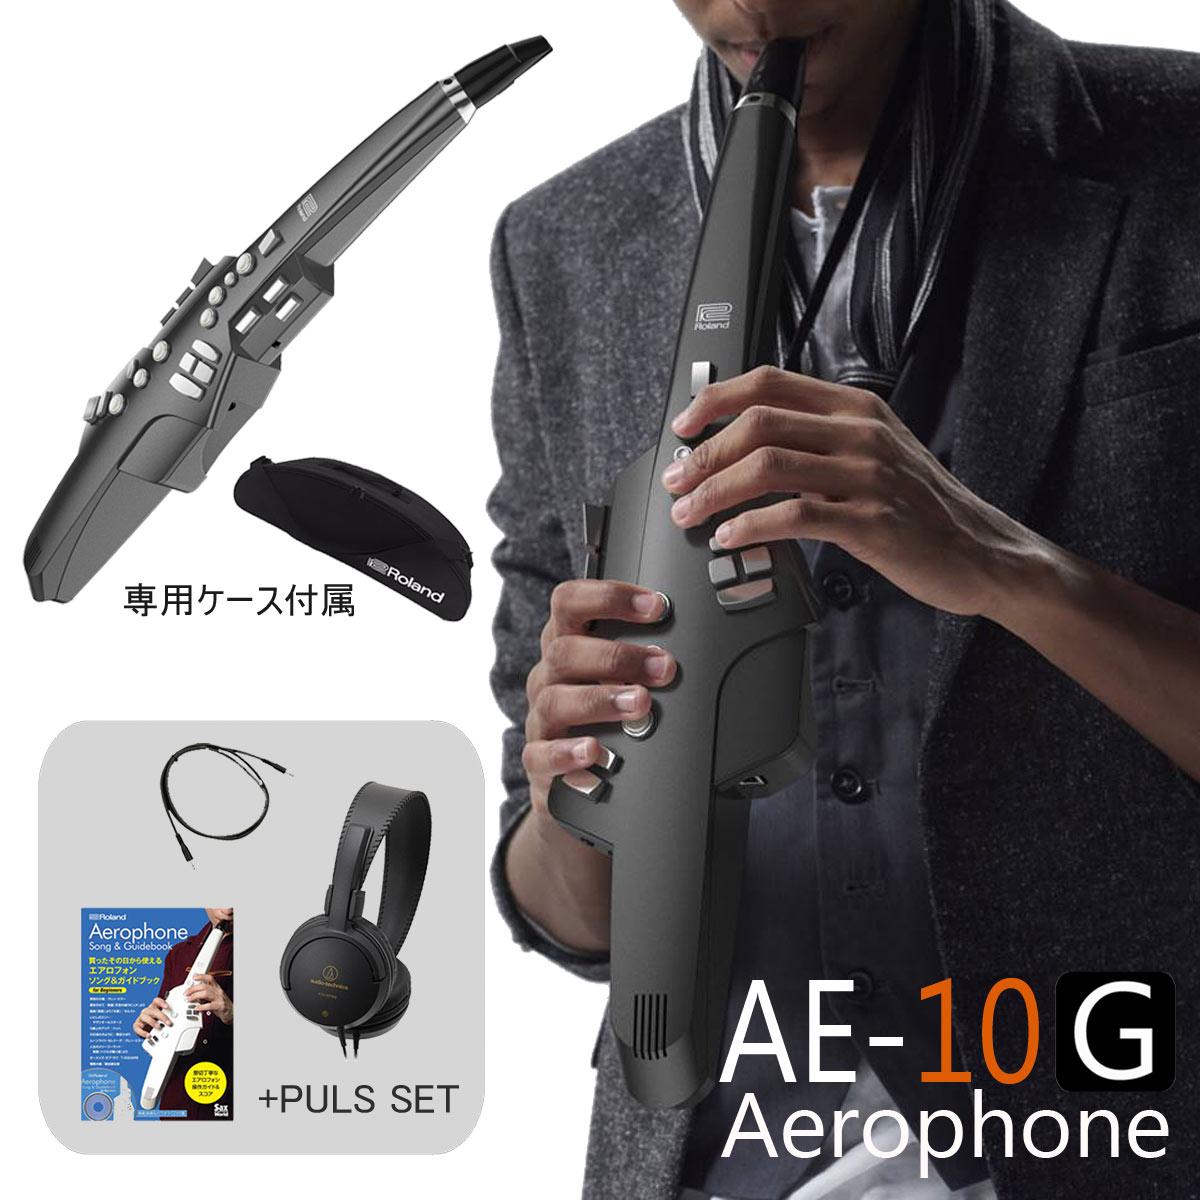 【在庫あり】Roland ローランド / Aerophone AE-10G エアロフォン グラファイトブラック デジタル管楽器 【オリジナルサイレント練習セット】【YRK】